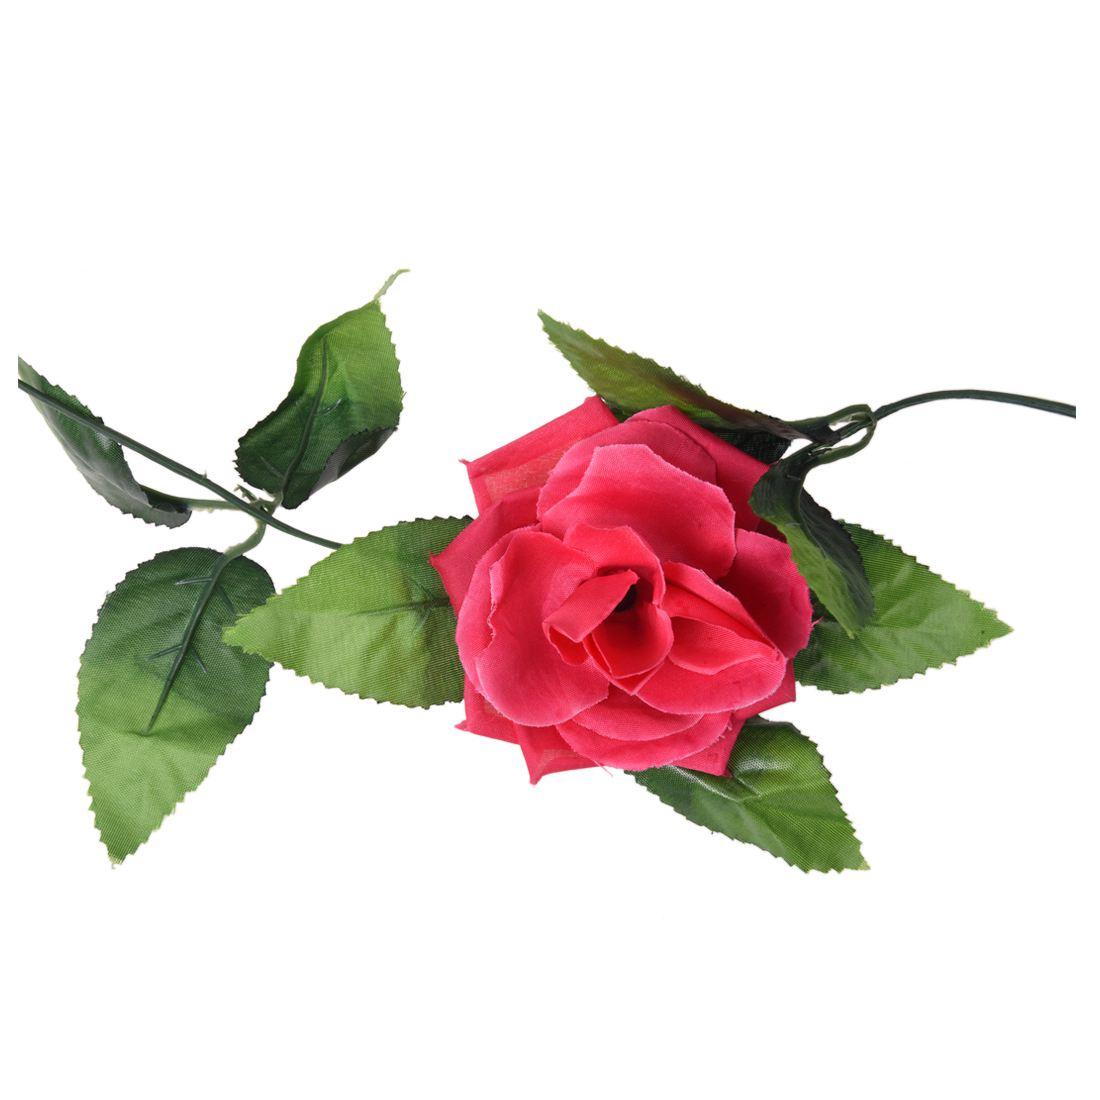 kuenstliche blumen rosen blume reben rose rot m9 ebay. Black Bedroom Furniture Sets. Home Design Ideas